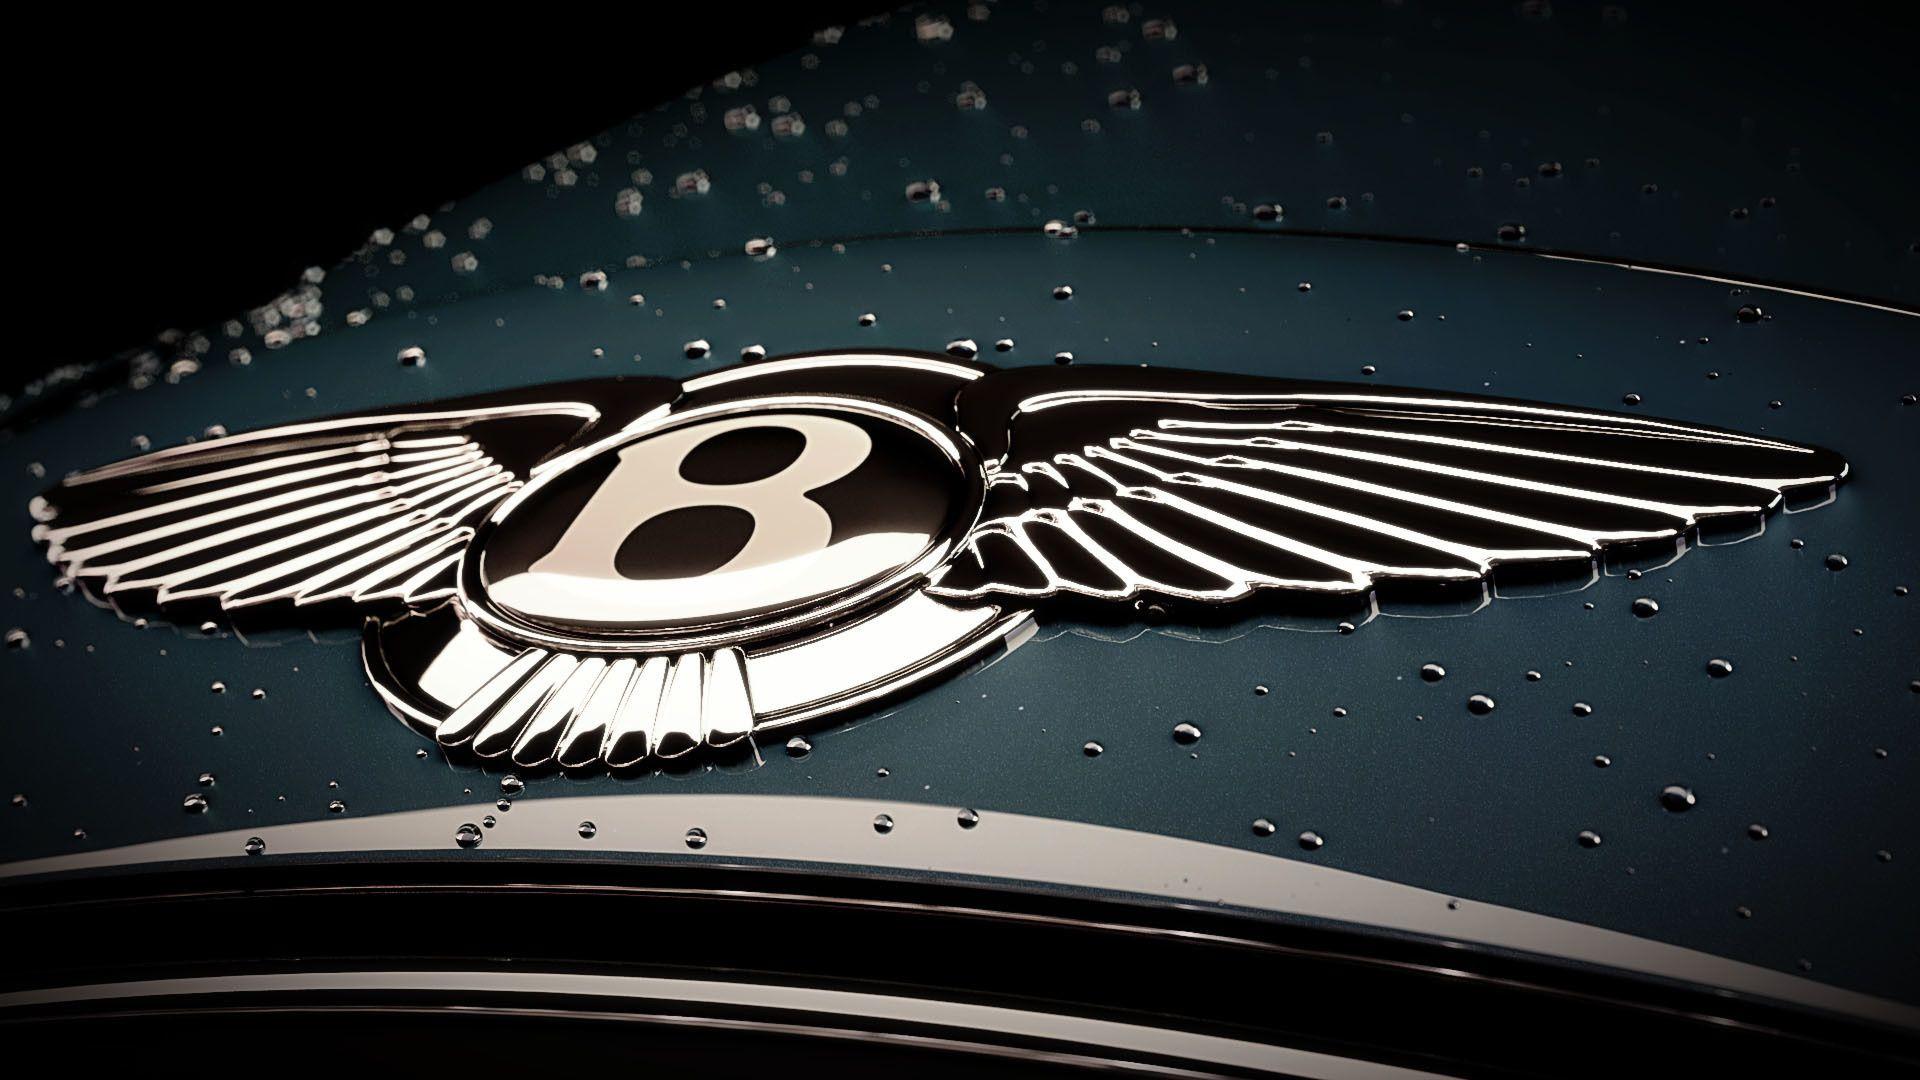 Free Bentley Wallpaper Hd Iskusstvo Gruzoviki